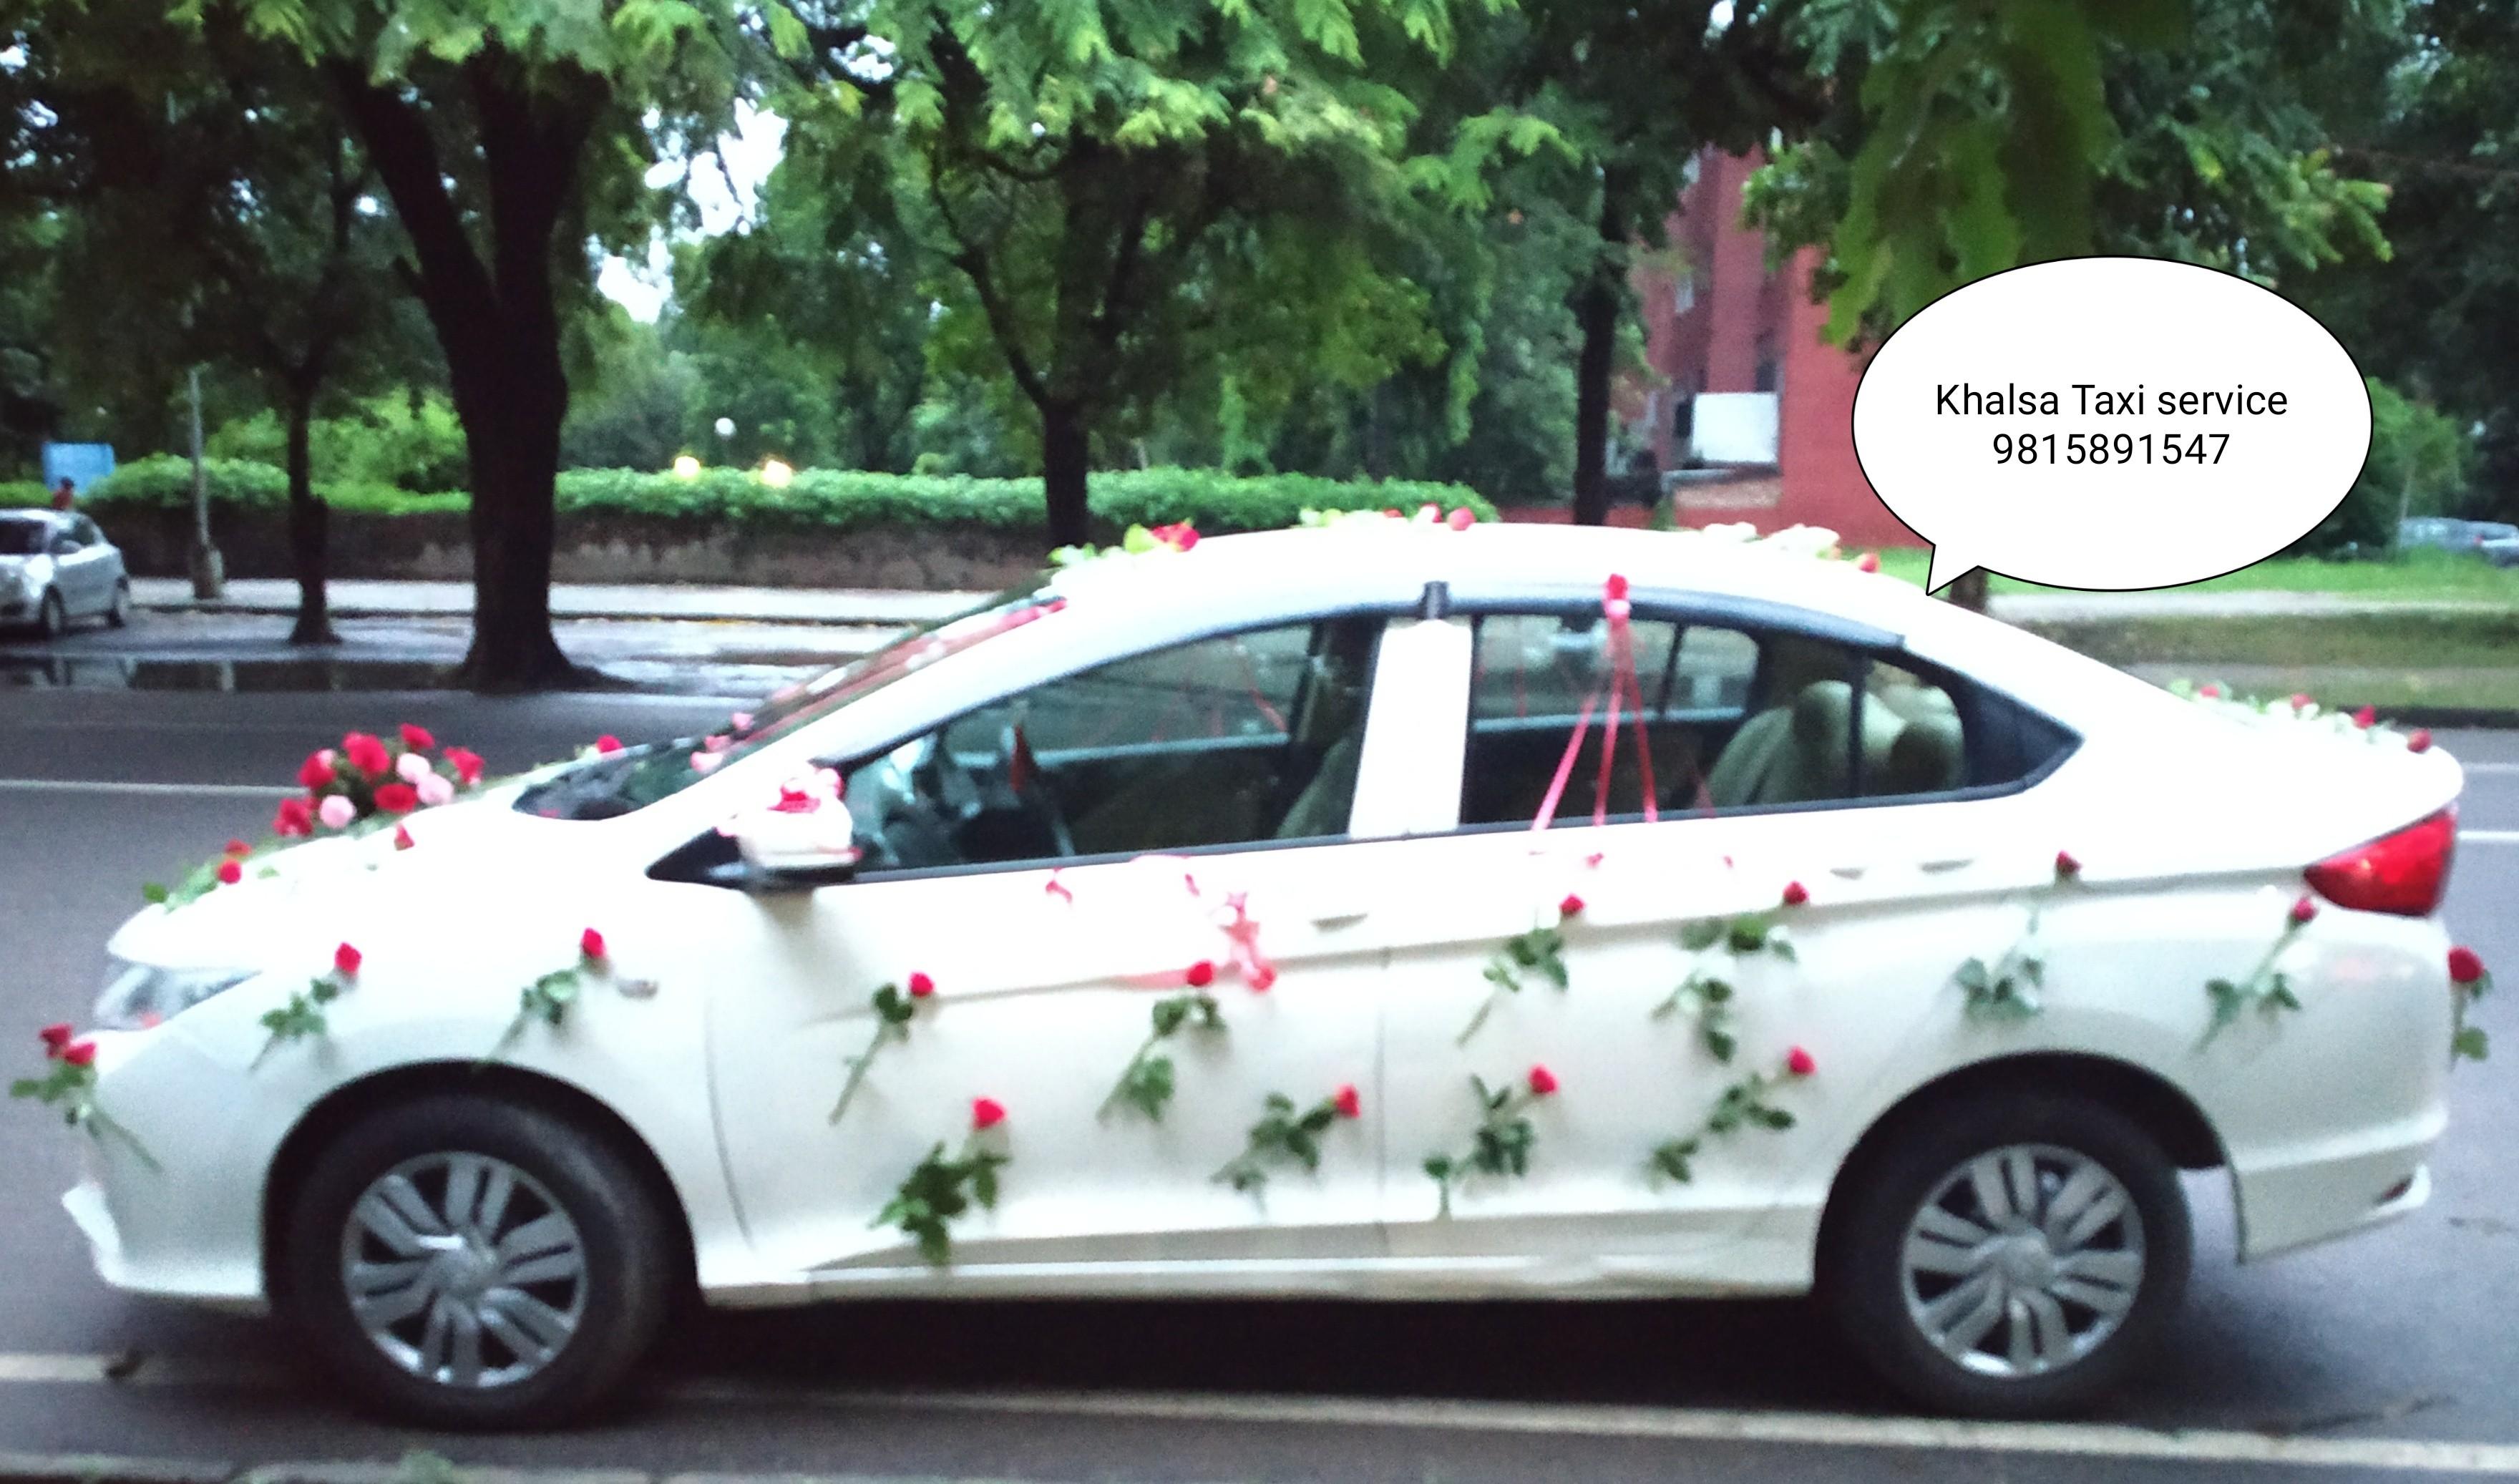 Verna doli cars, Luxury Verna cars for doli, Doli Verna car in Chandigarh Verna car For Doli